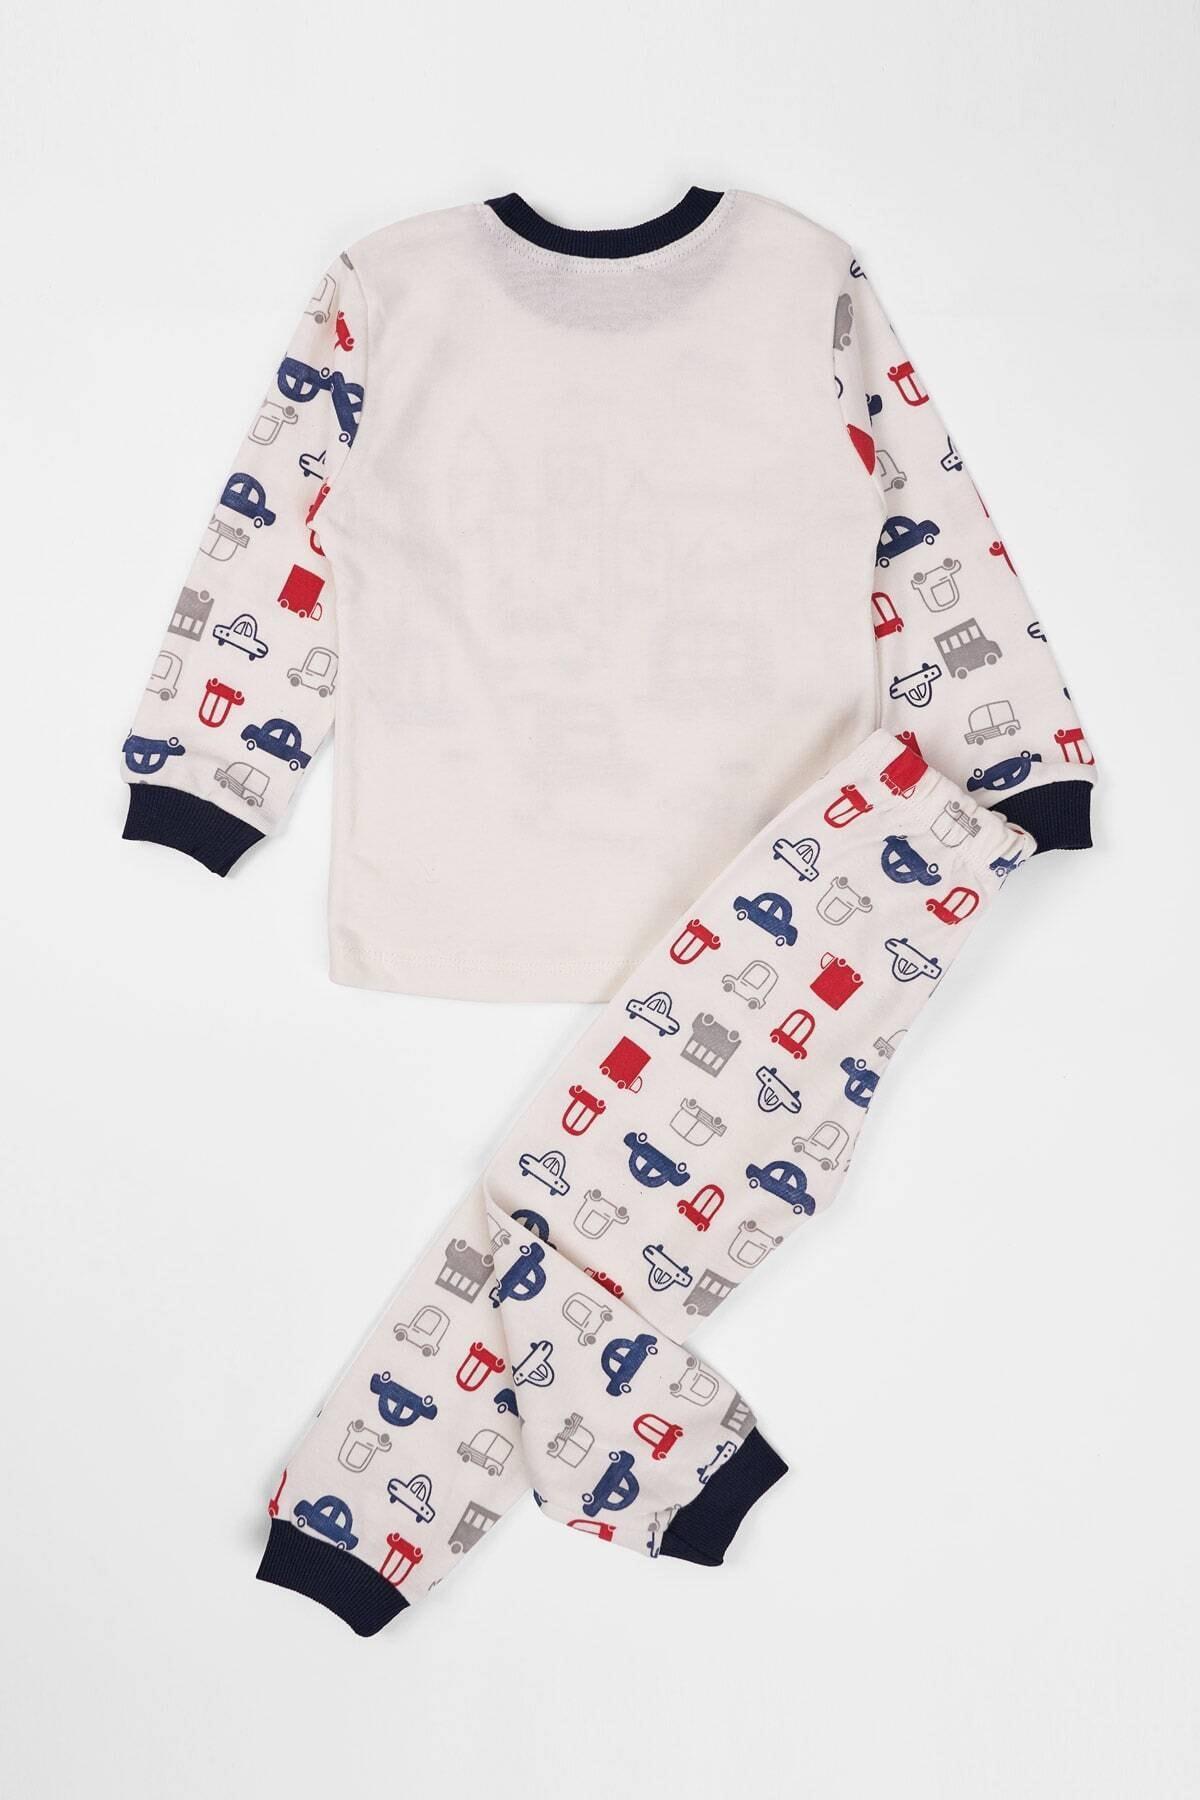 zepkids Çocuk Pijama Takımı Araba Baskılı 1-3 Yaş Lacivert 2